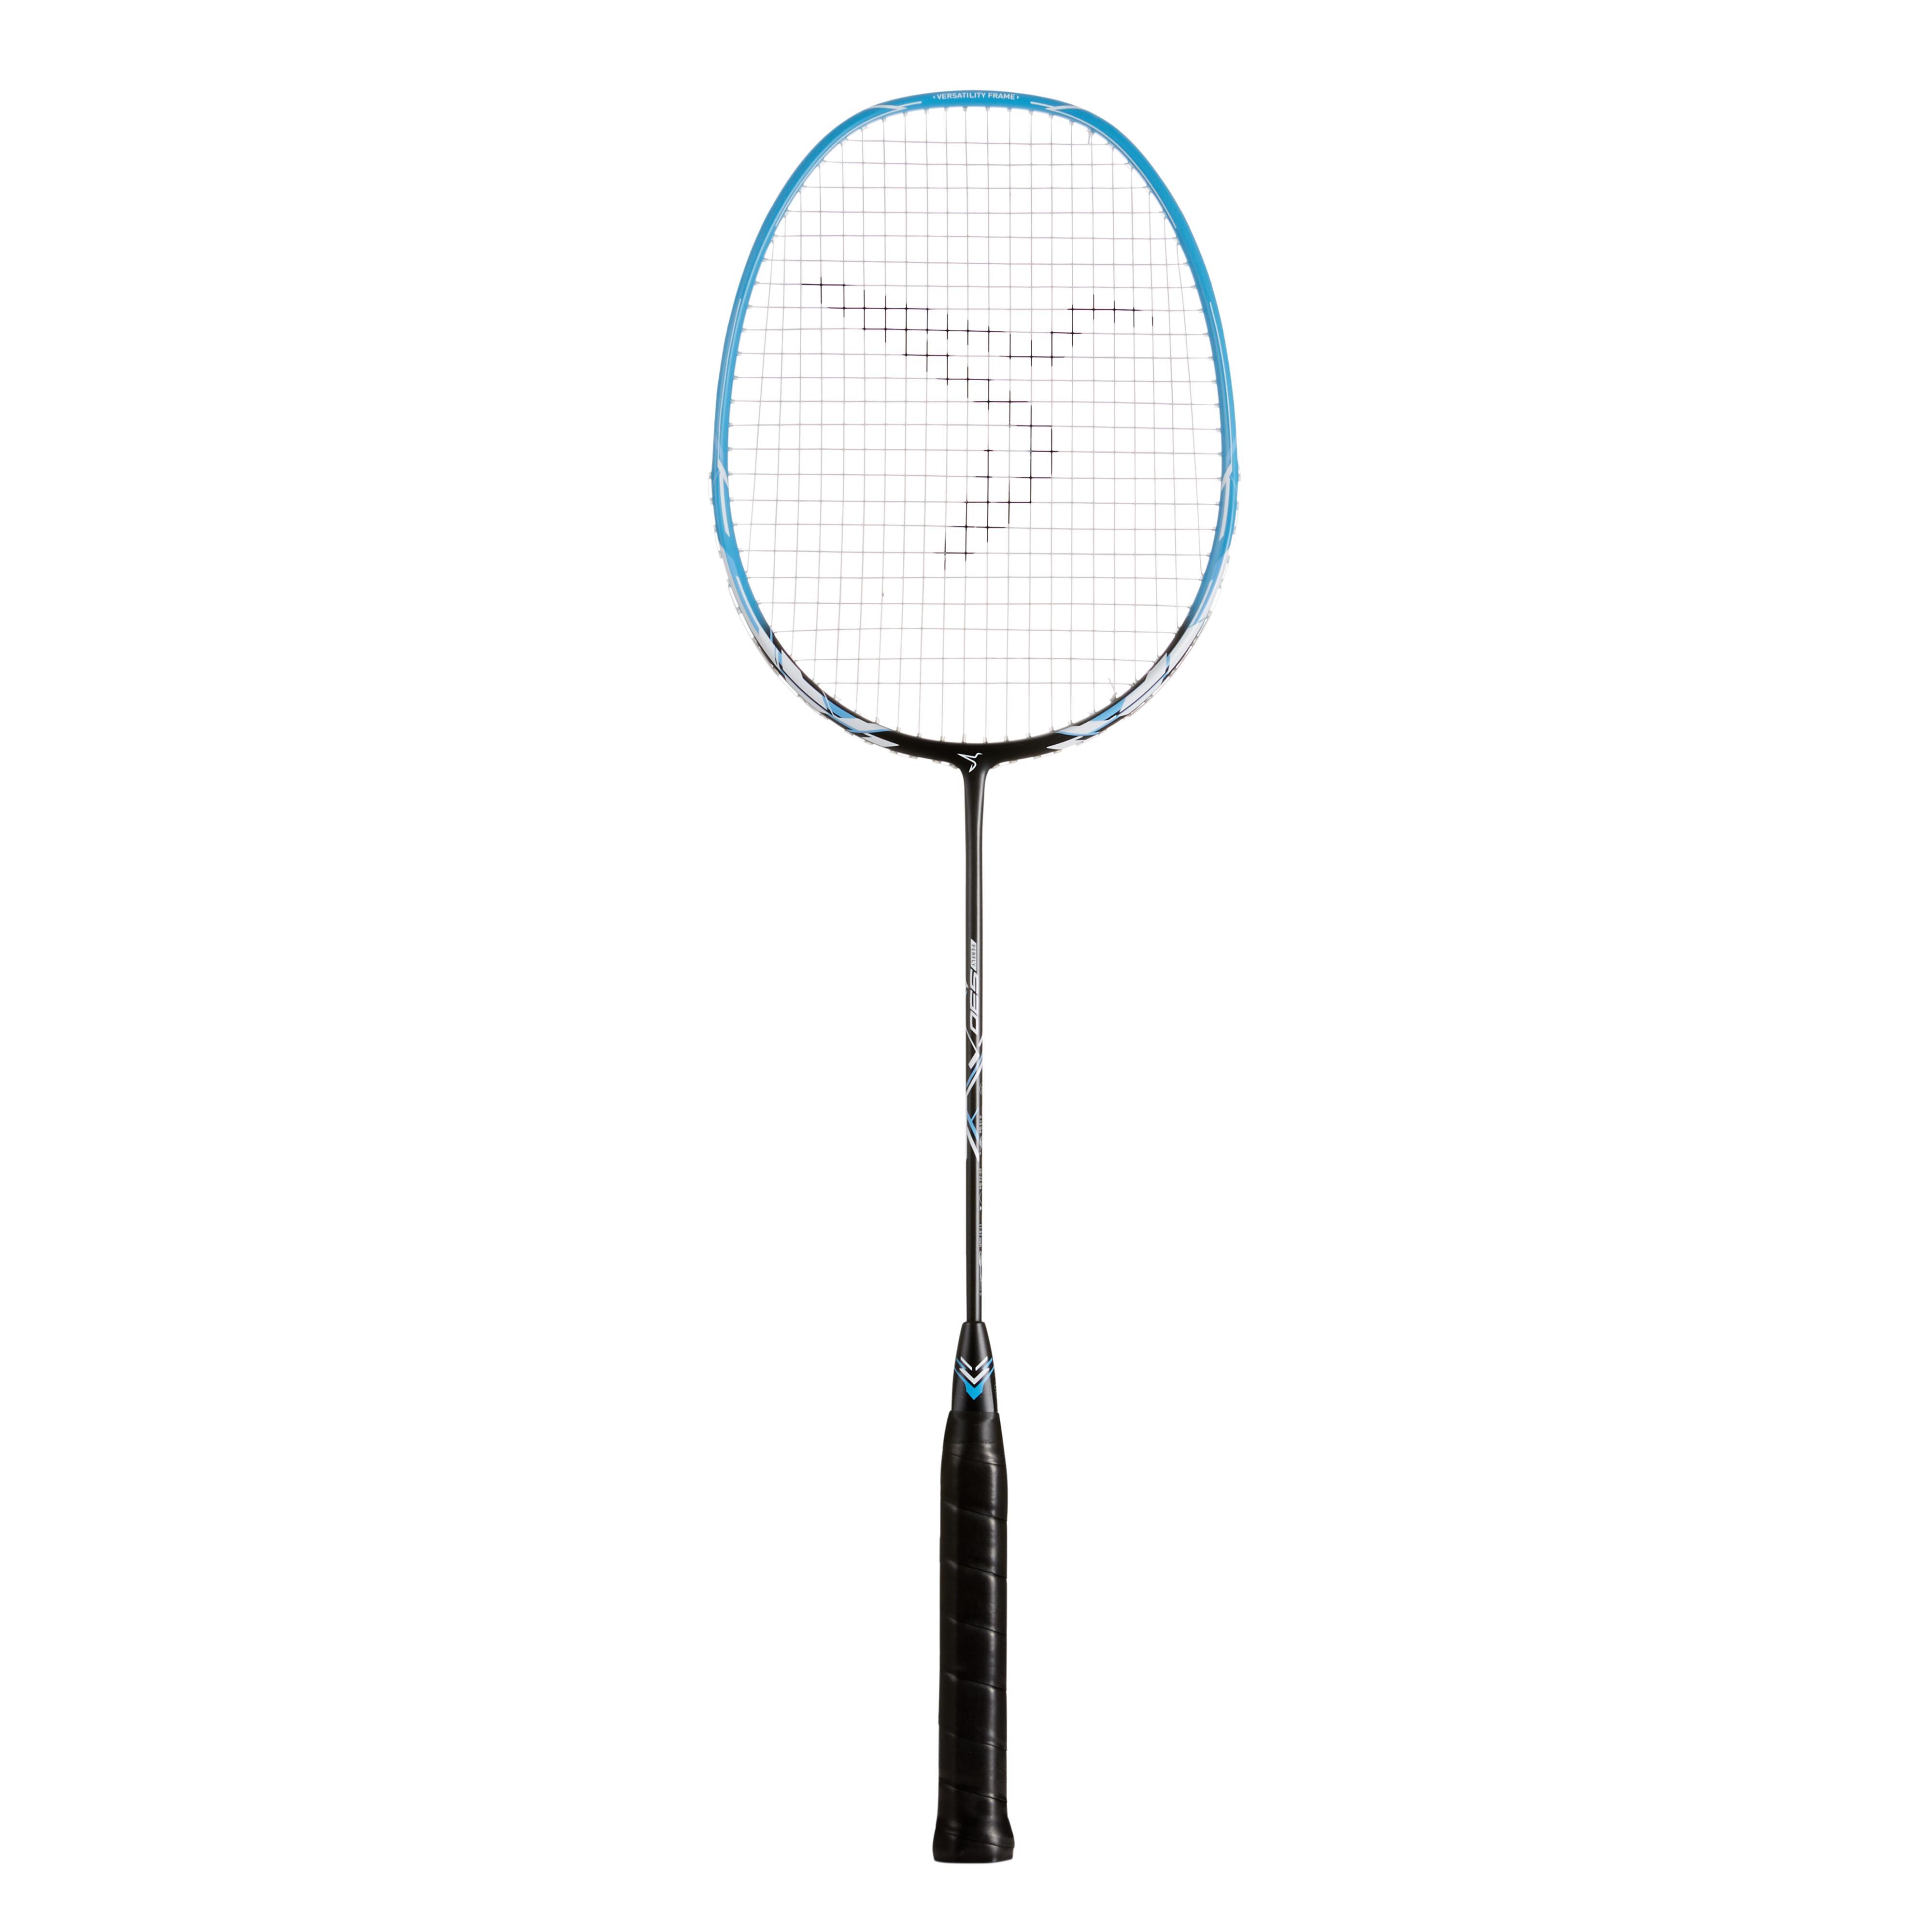 PERFLY Raquette De Badminton Adulte BR 530 - Bleu Ciel - PERFLY - Taille unique